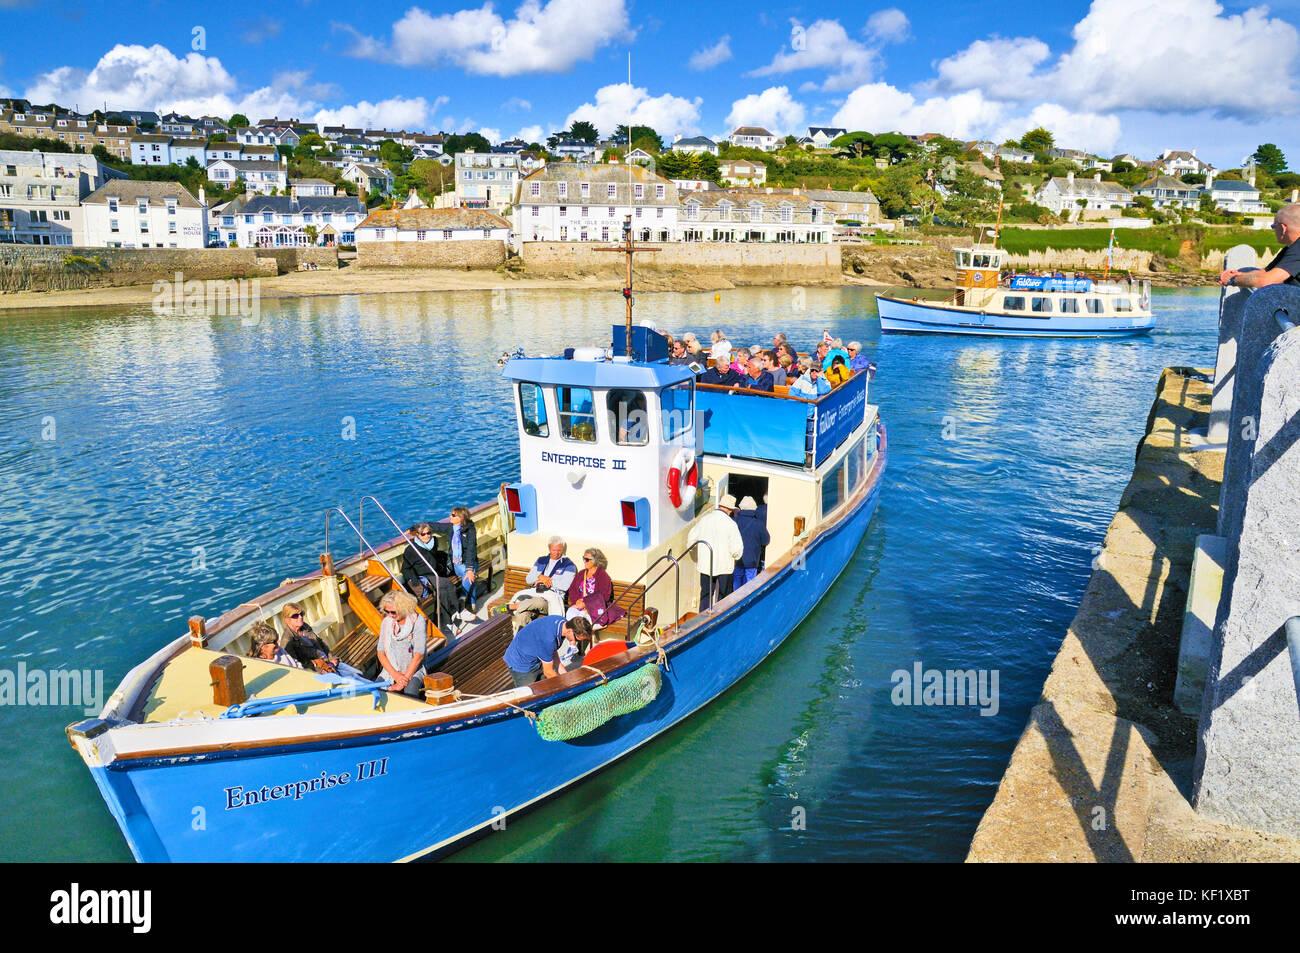 Los turistas en un viaje en barco en St Mawes, Península de Roseland, Cornualles, en el REINO UNIDO Imagen De Stock